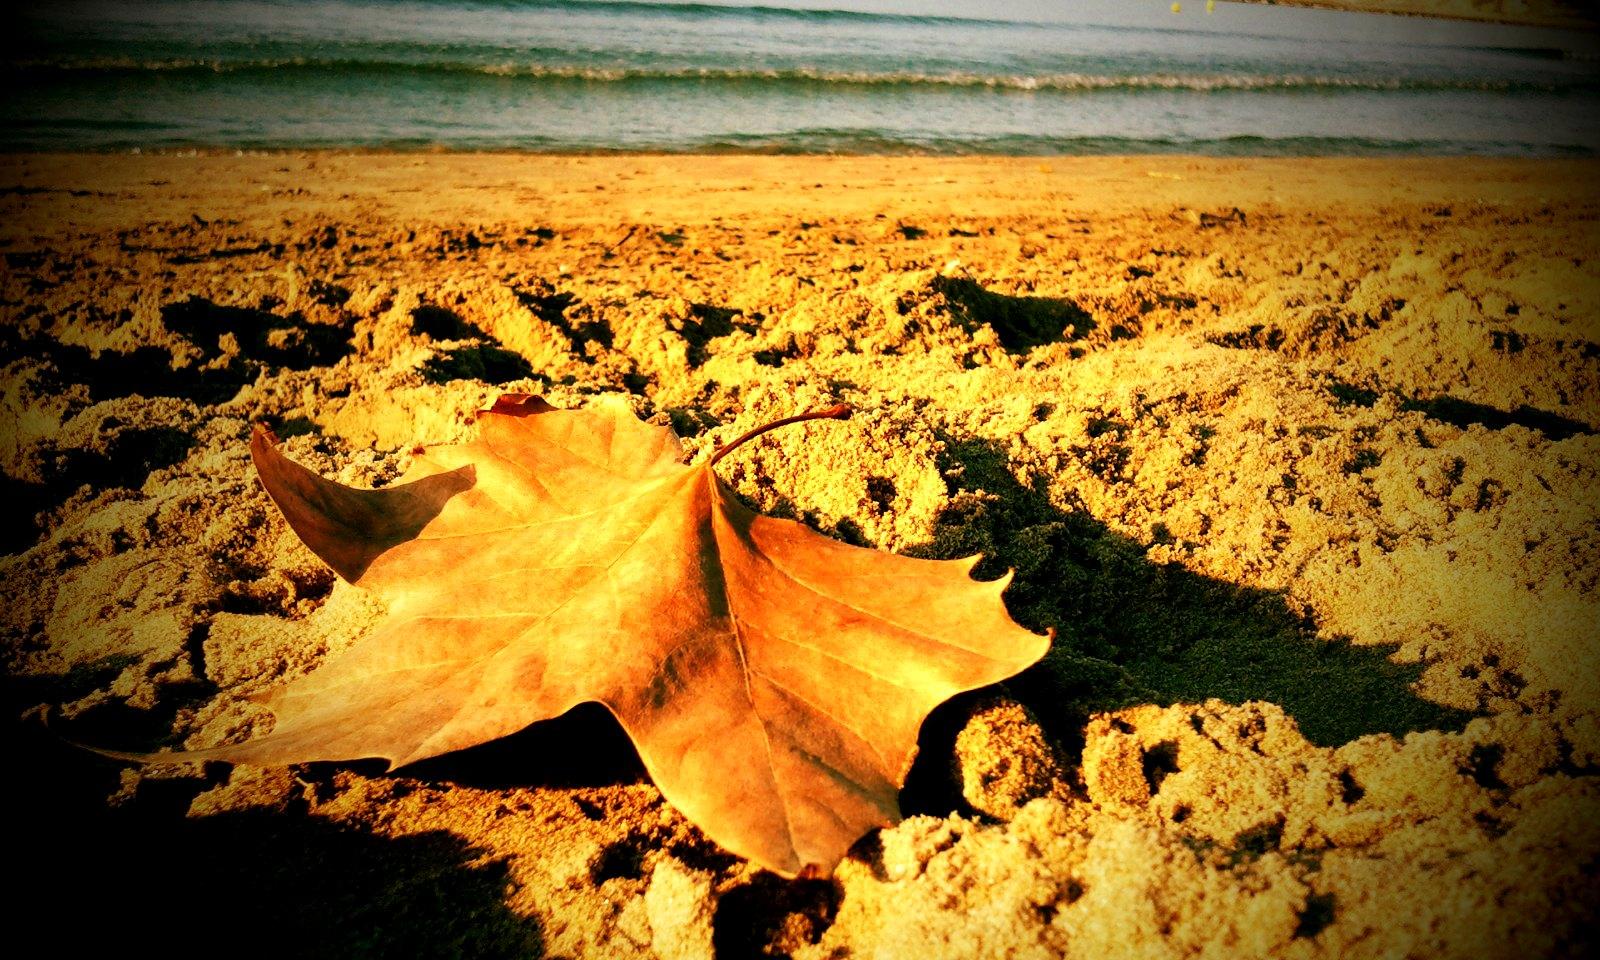 Autumn in Vilanova i la Geltrú